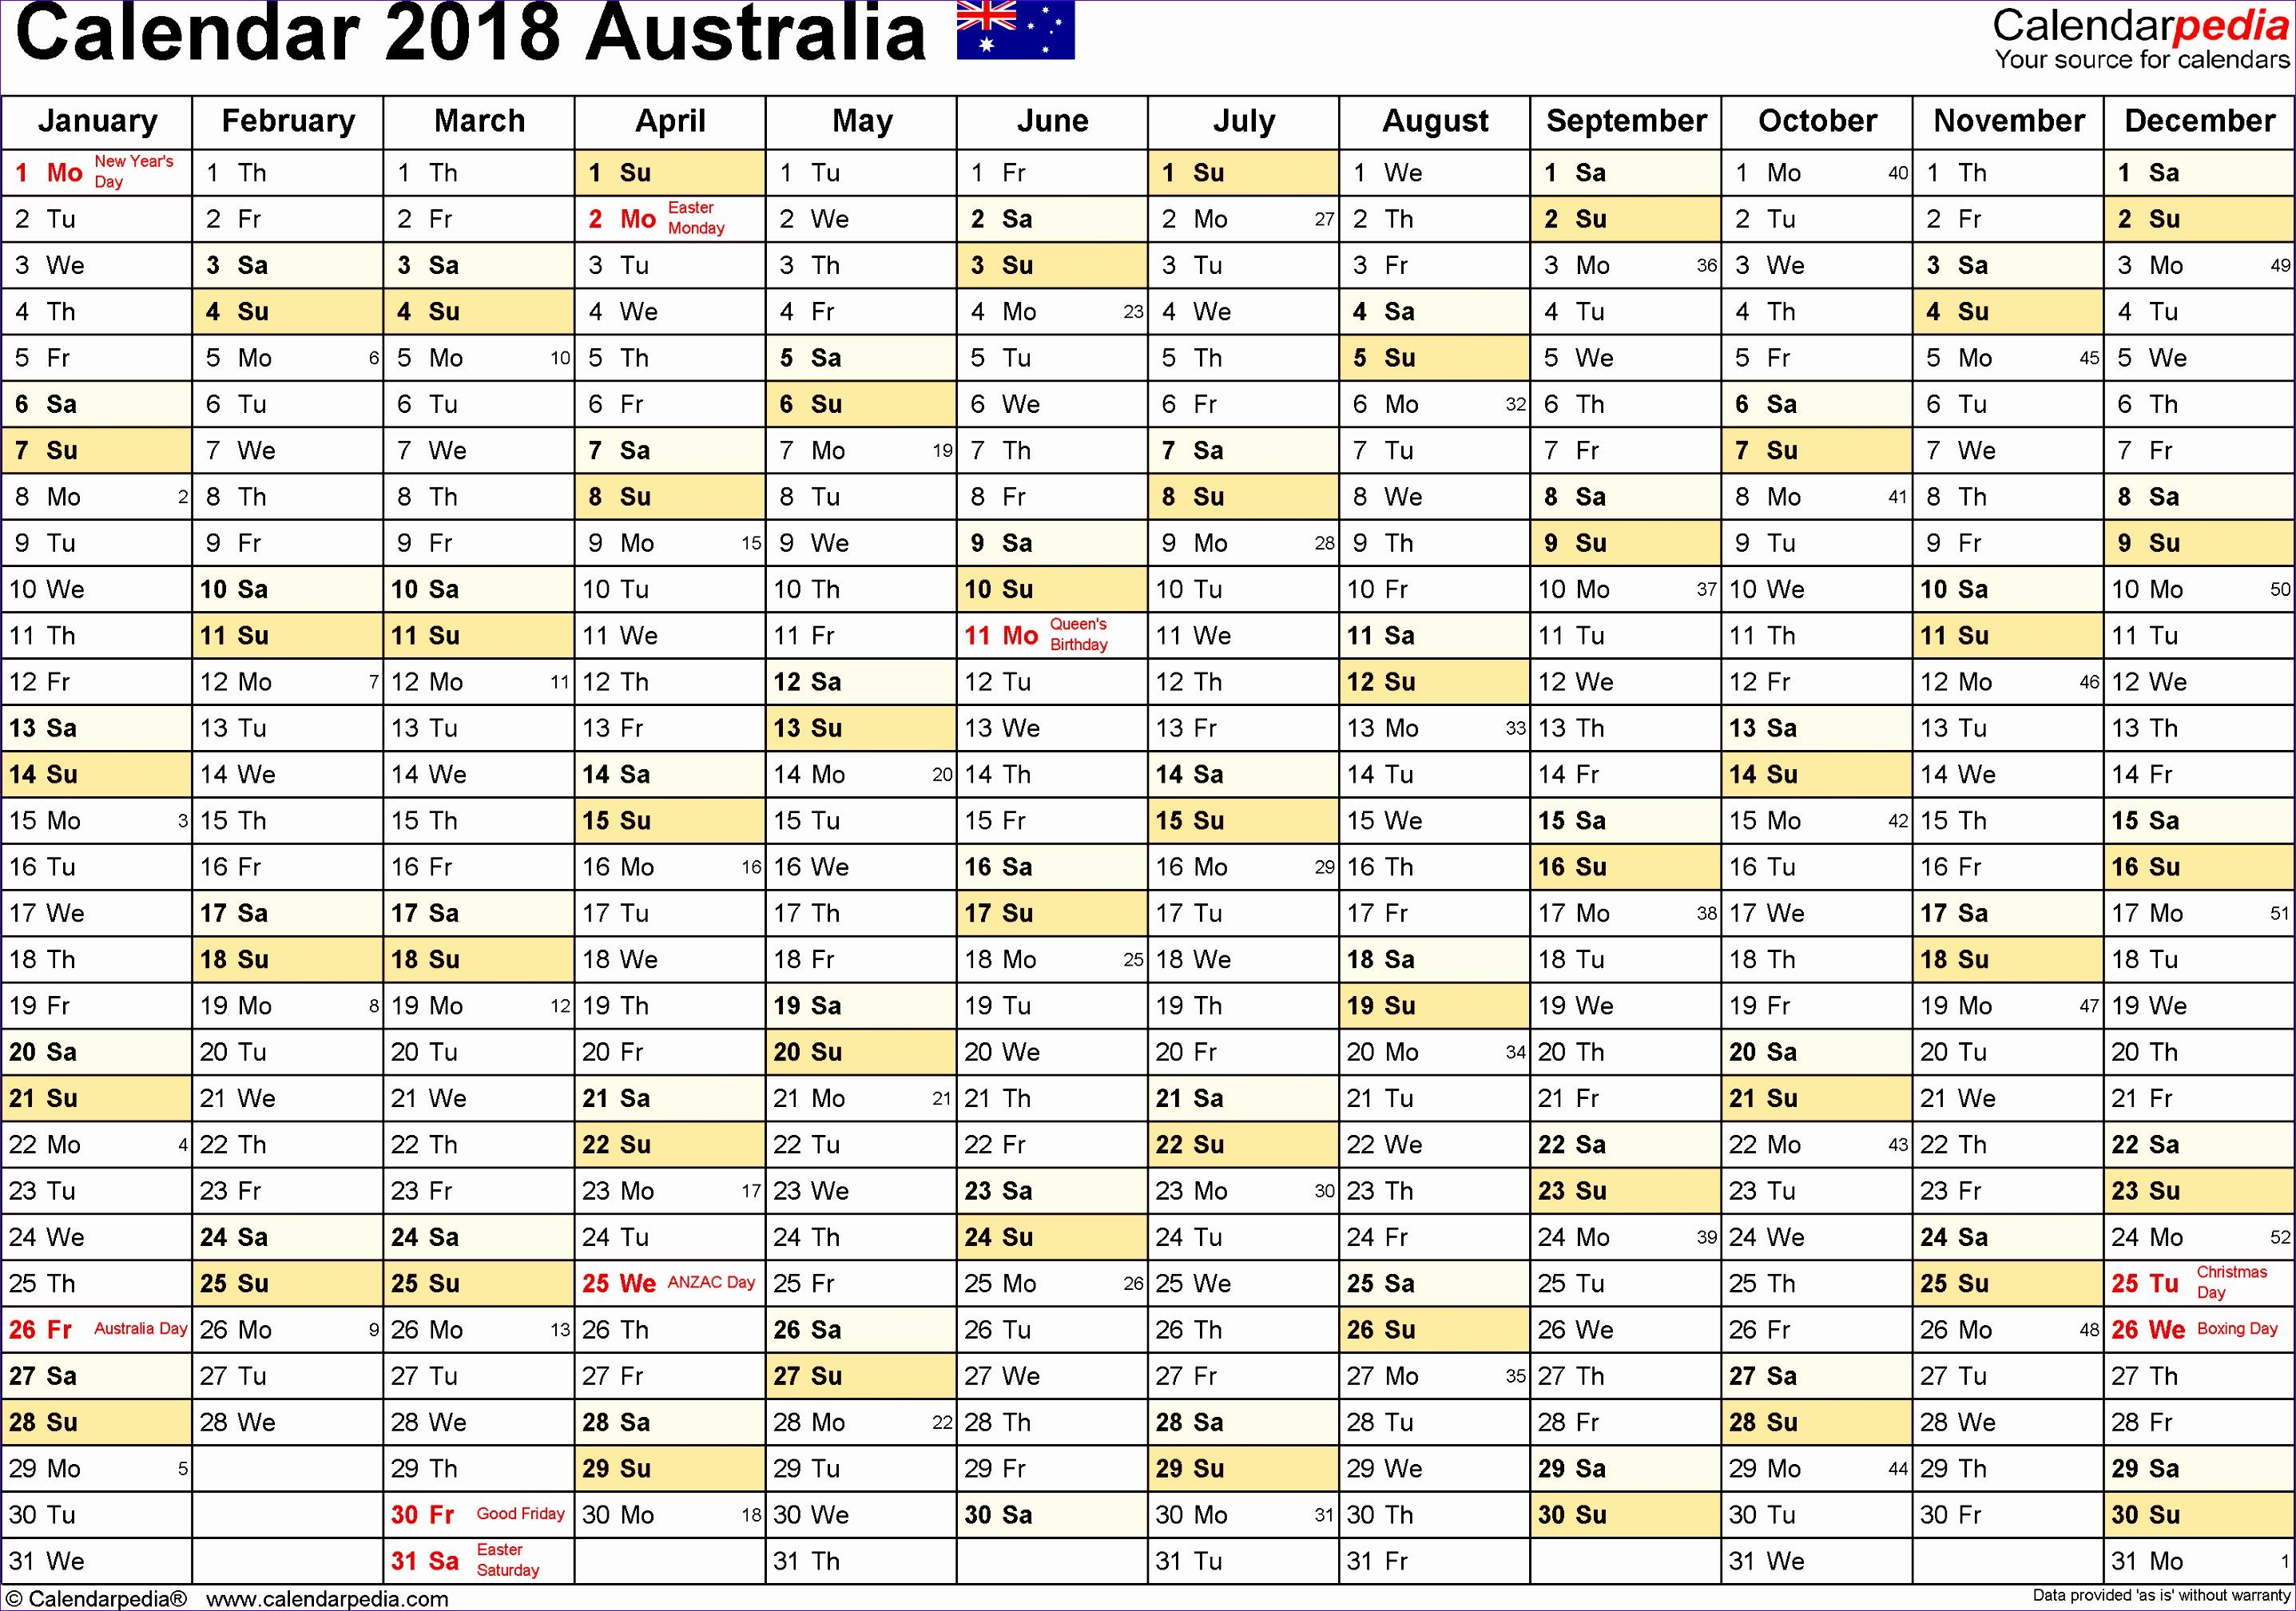 2018 calendar australia 2018 calendar australia XzCNjK